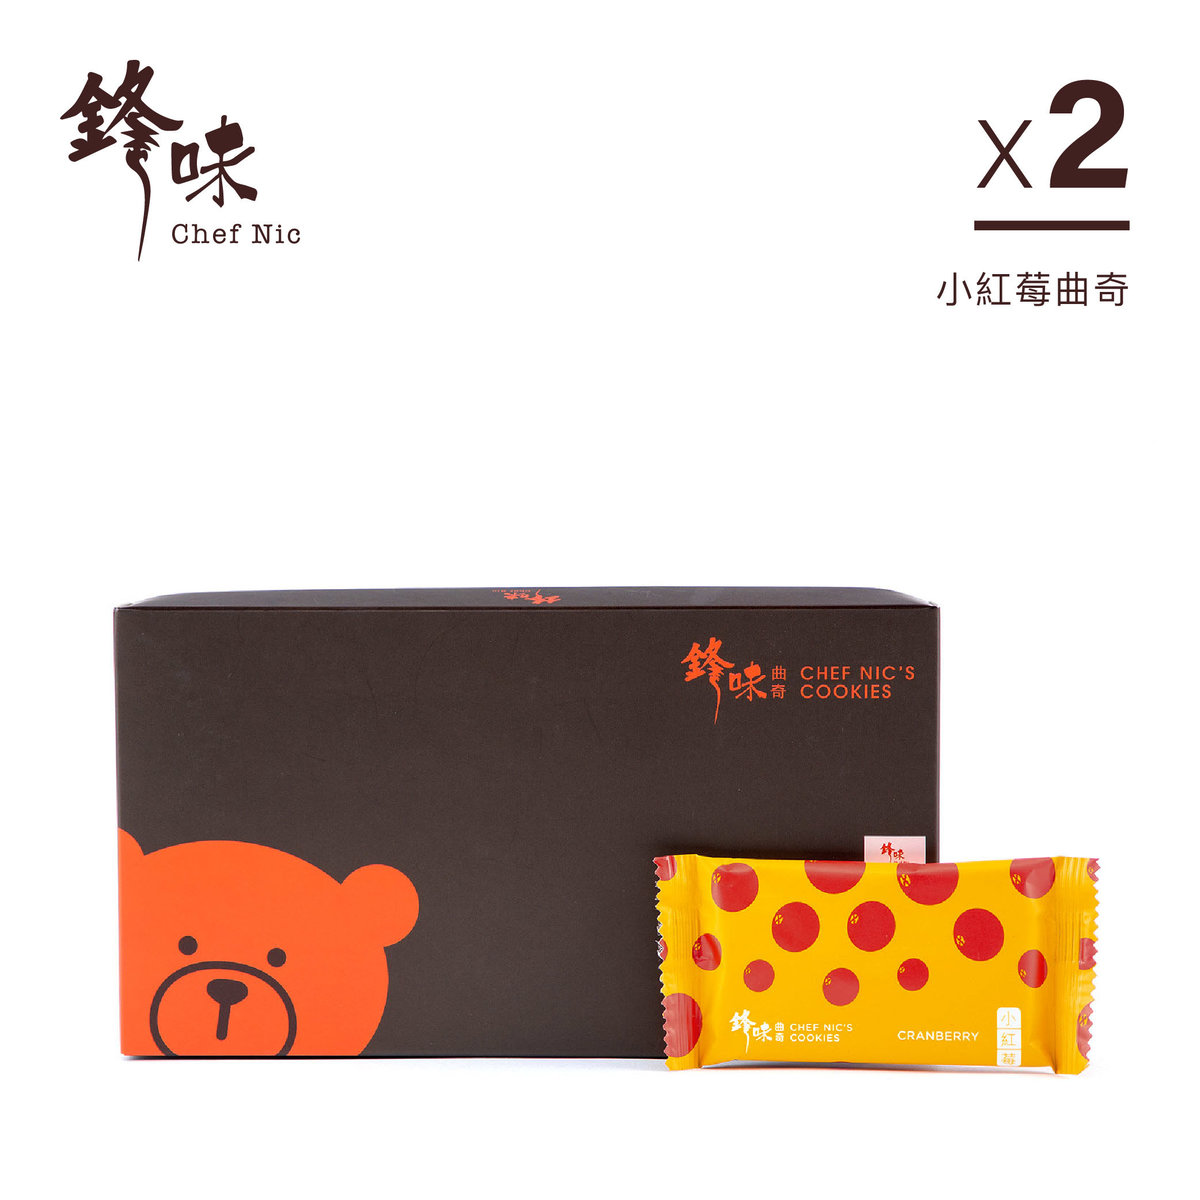 小紅莓曲奇 X 2 盒